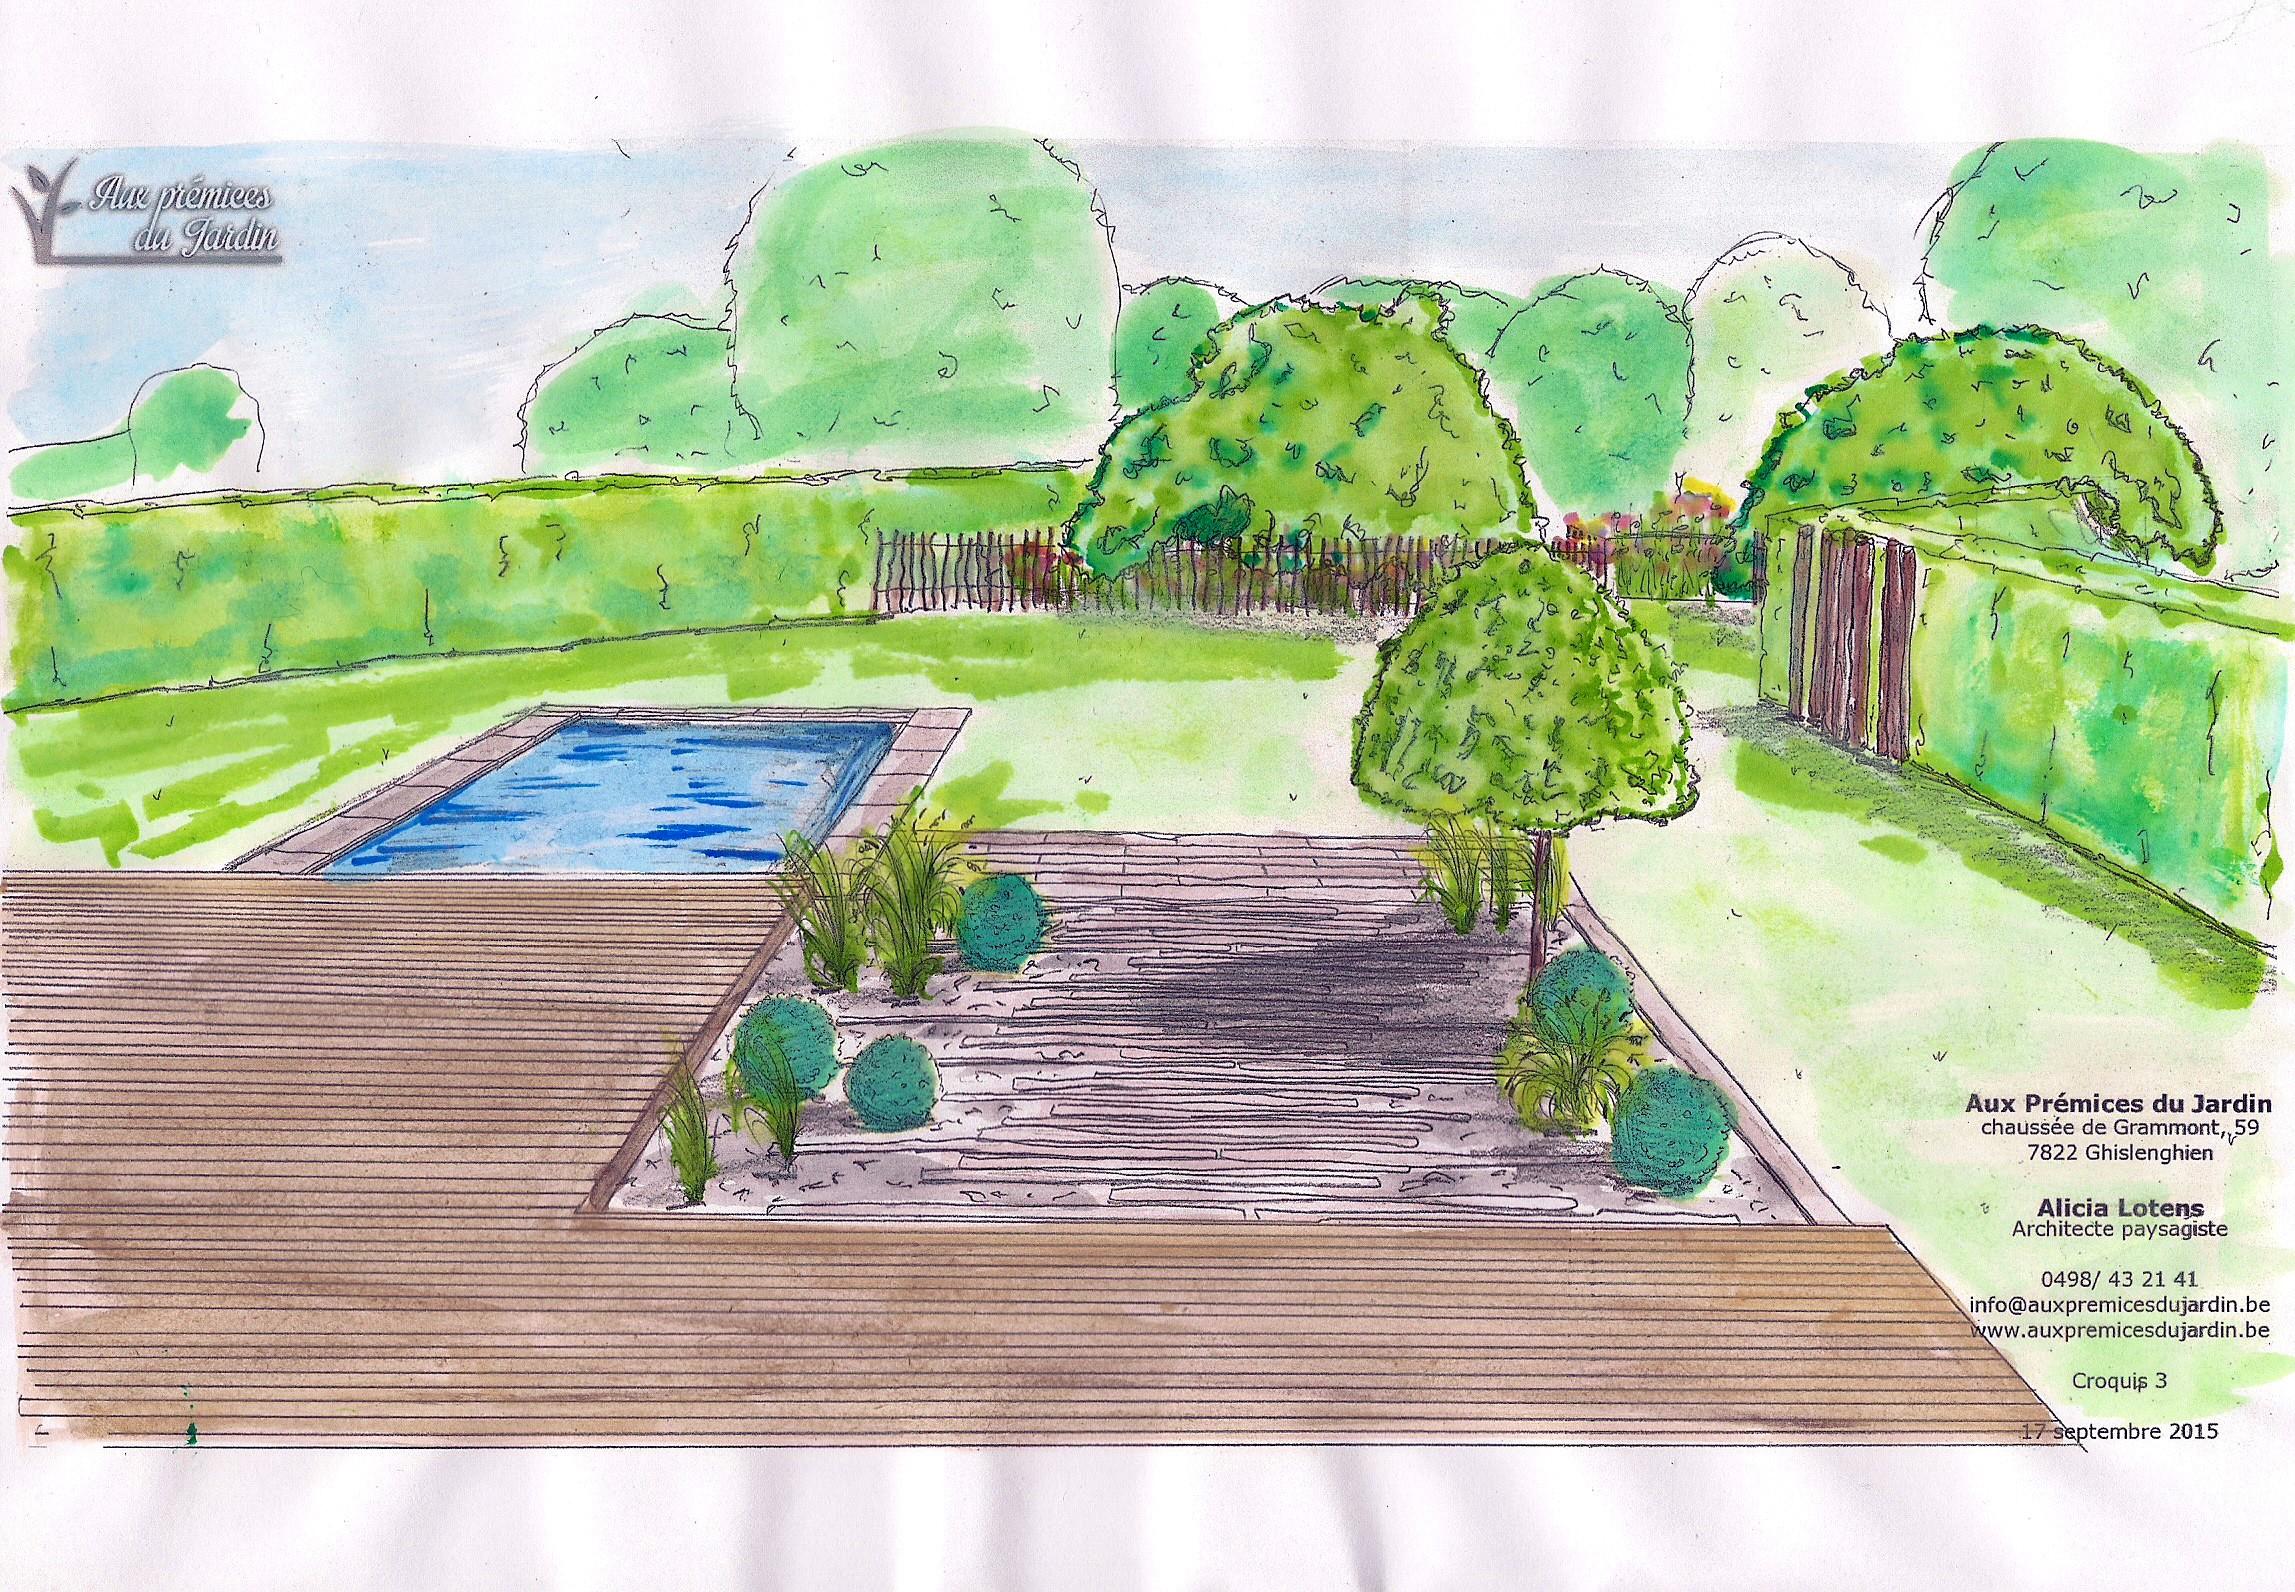 Aux pr mices du jardin architecte paysagiste for Entrepreneur jardin